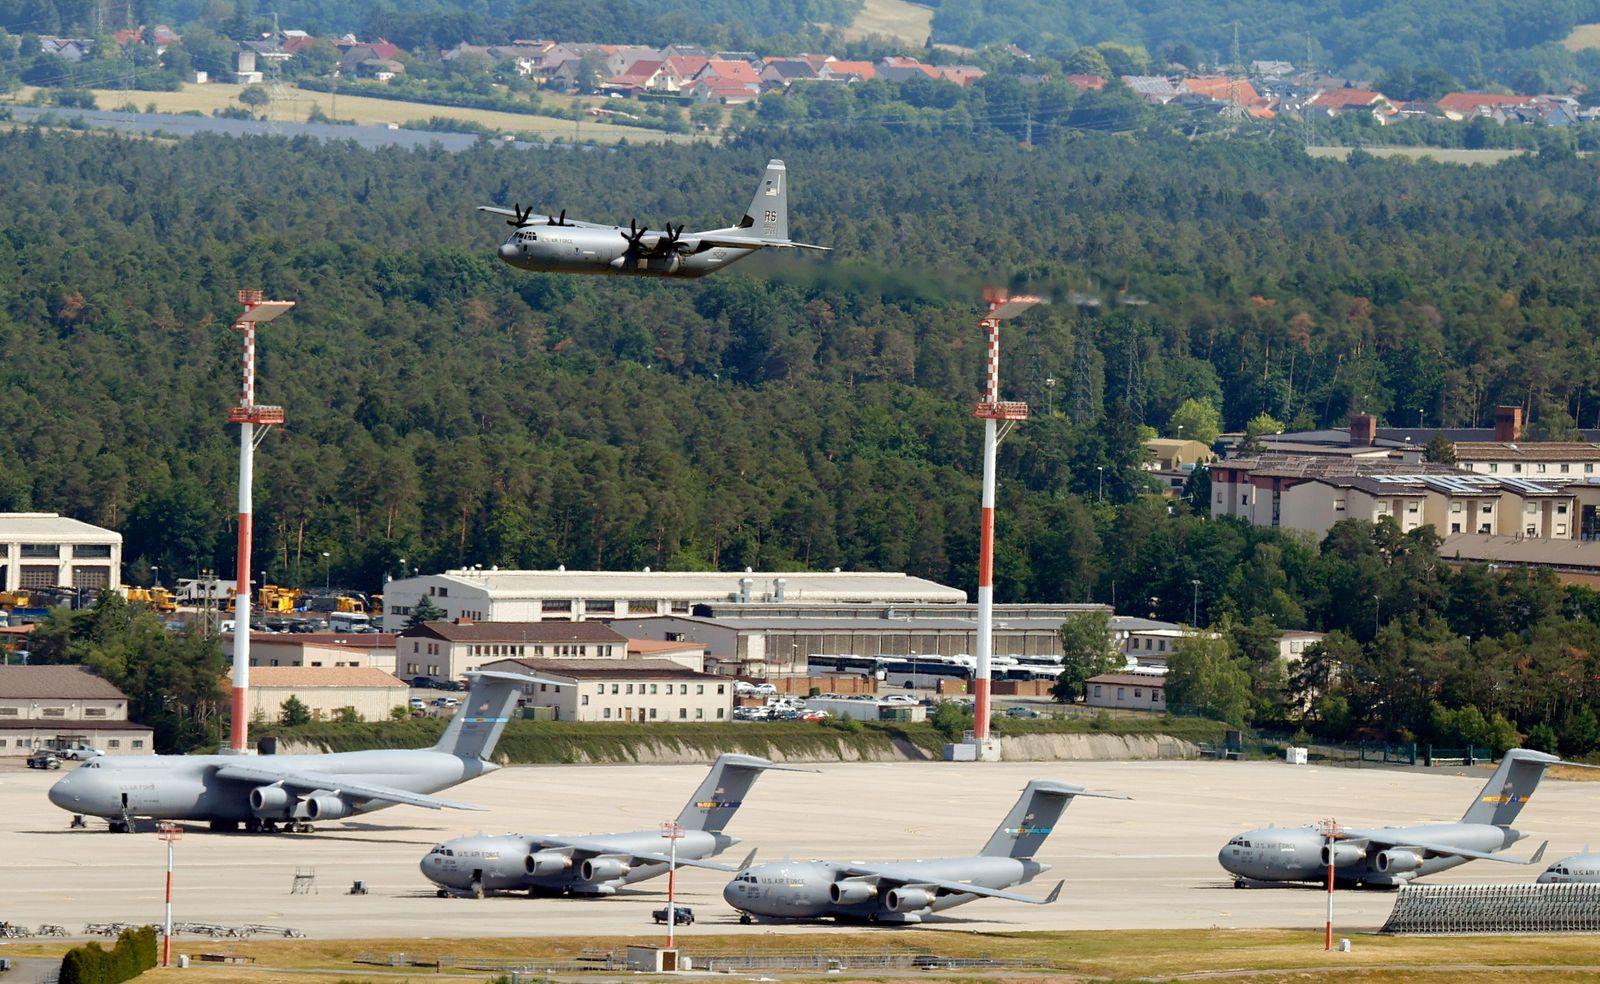 US Air Base in Ramstein, Germany - 08 Jun 2020